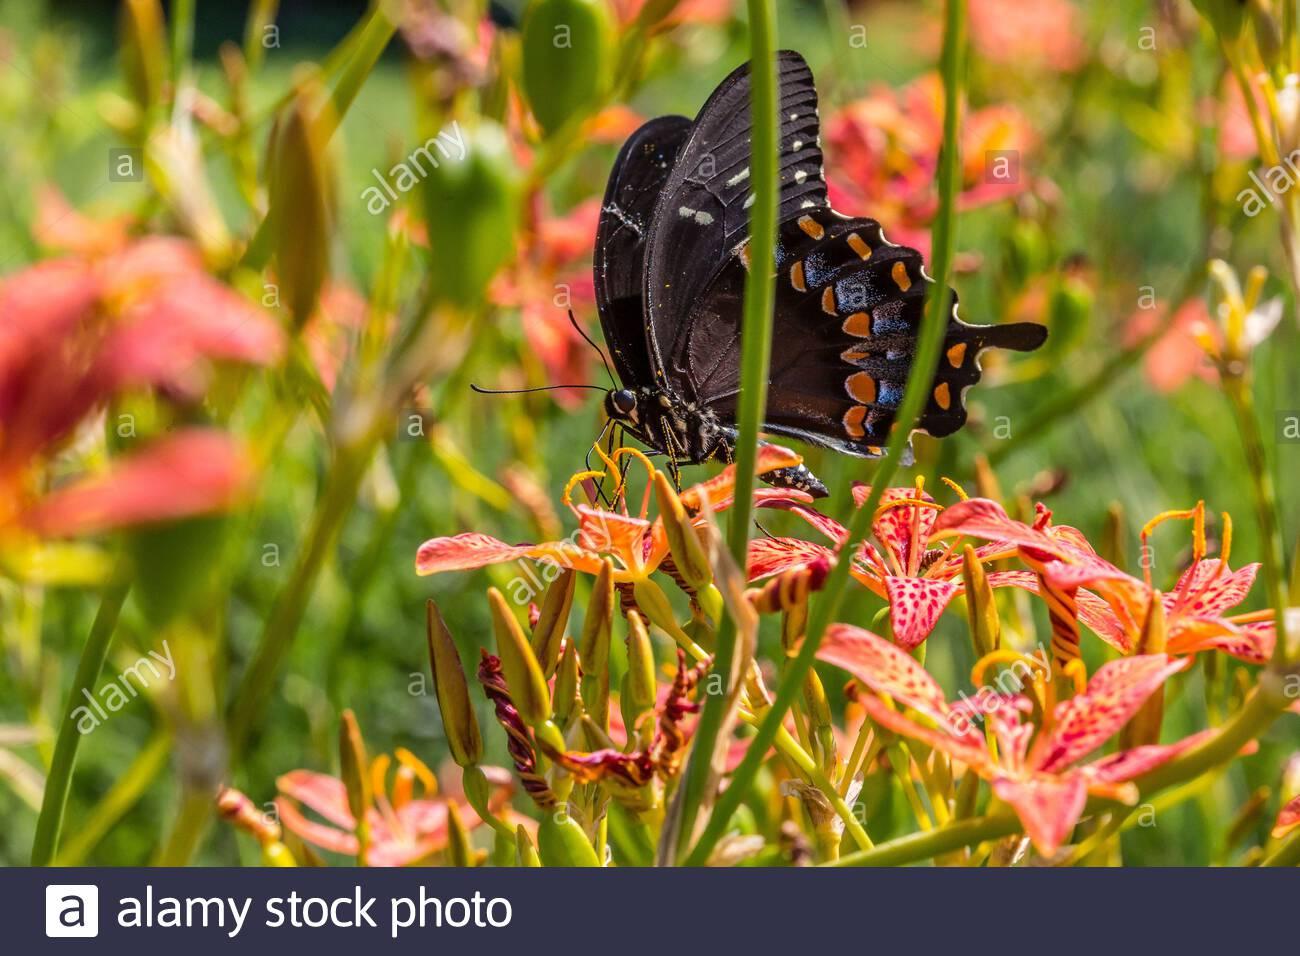 picea de la cola de cisne (papilio troilus) en el lirio de la blackberry (iris domestica) Foto de stock